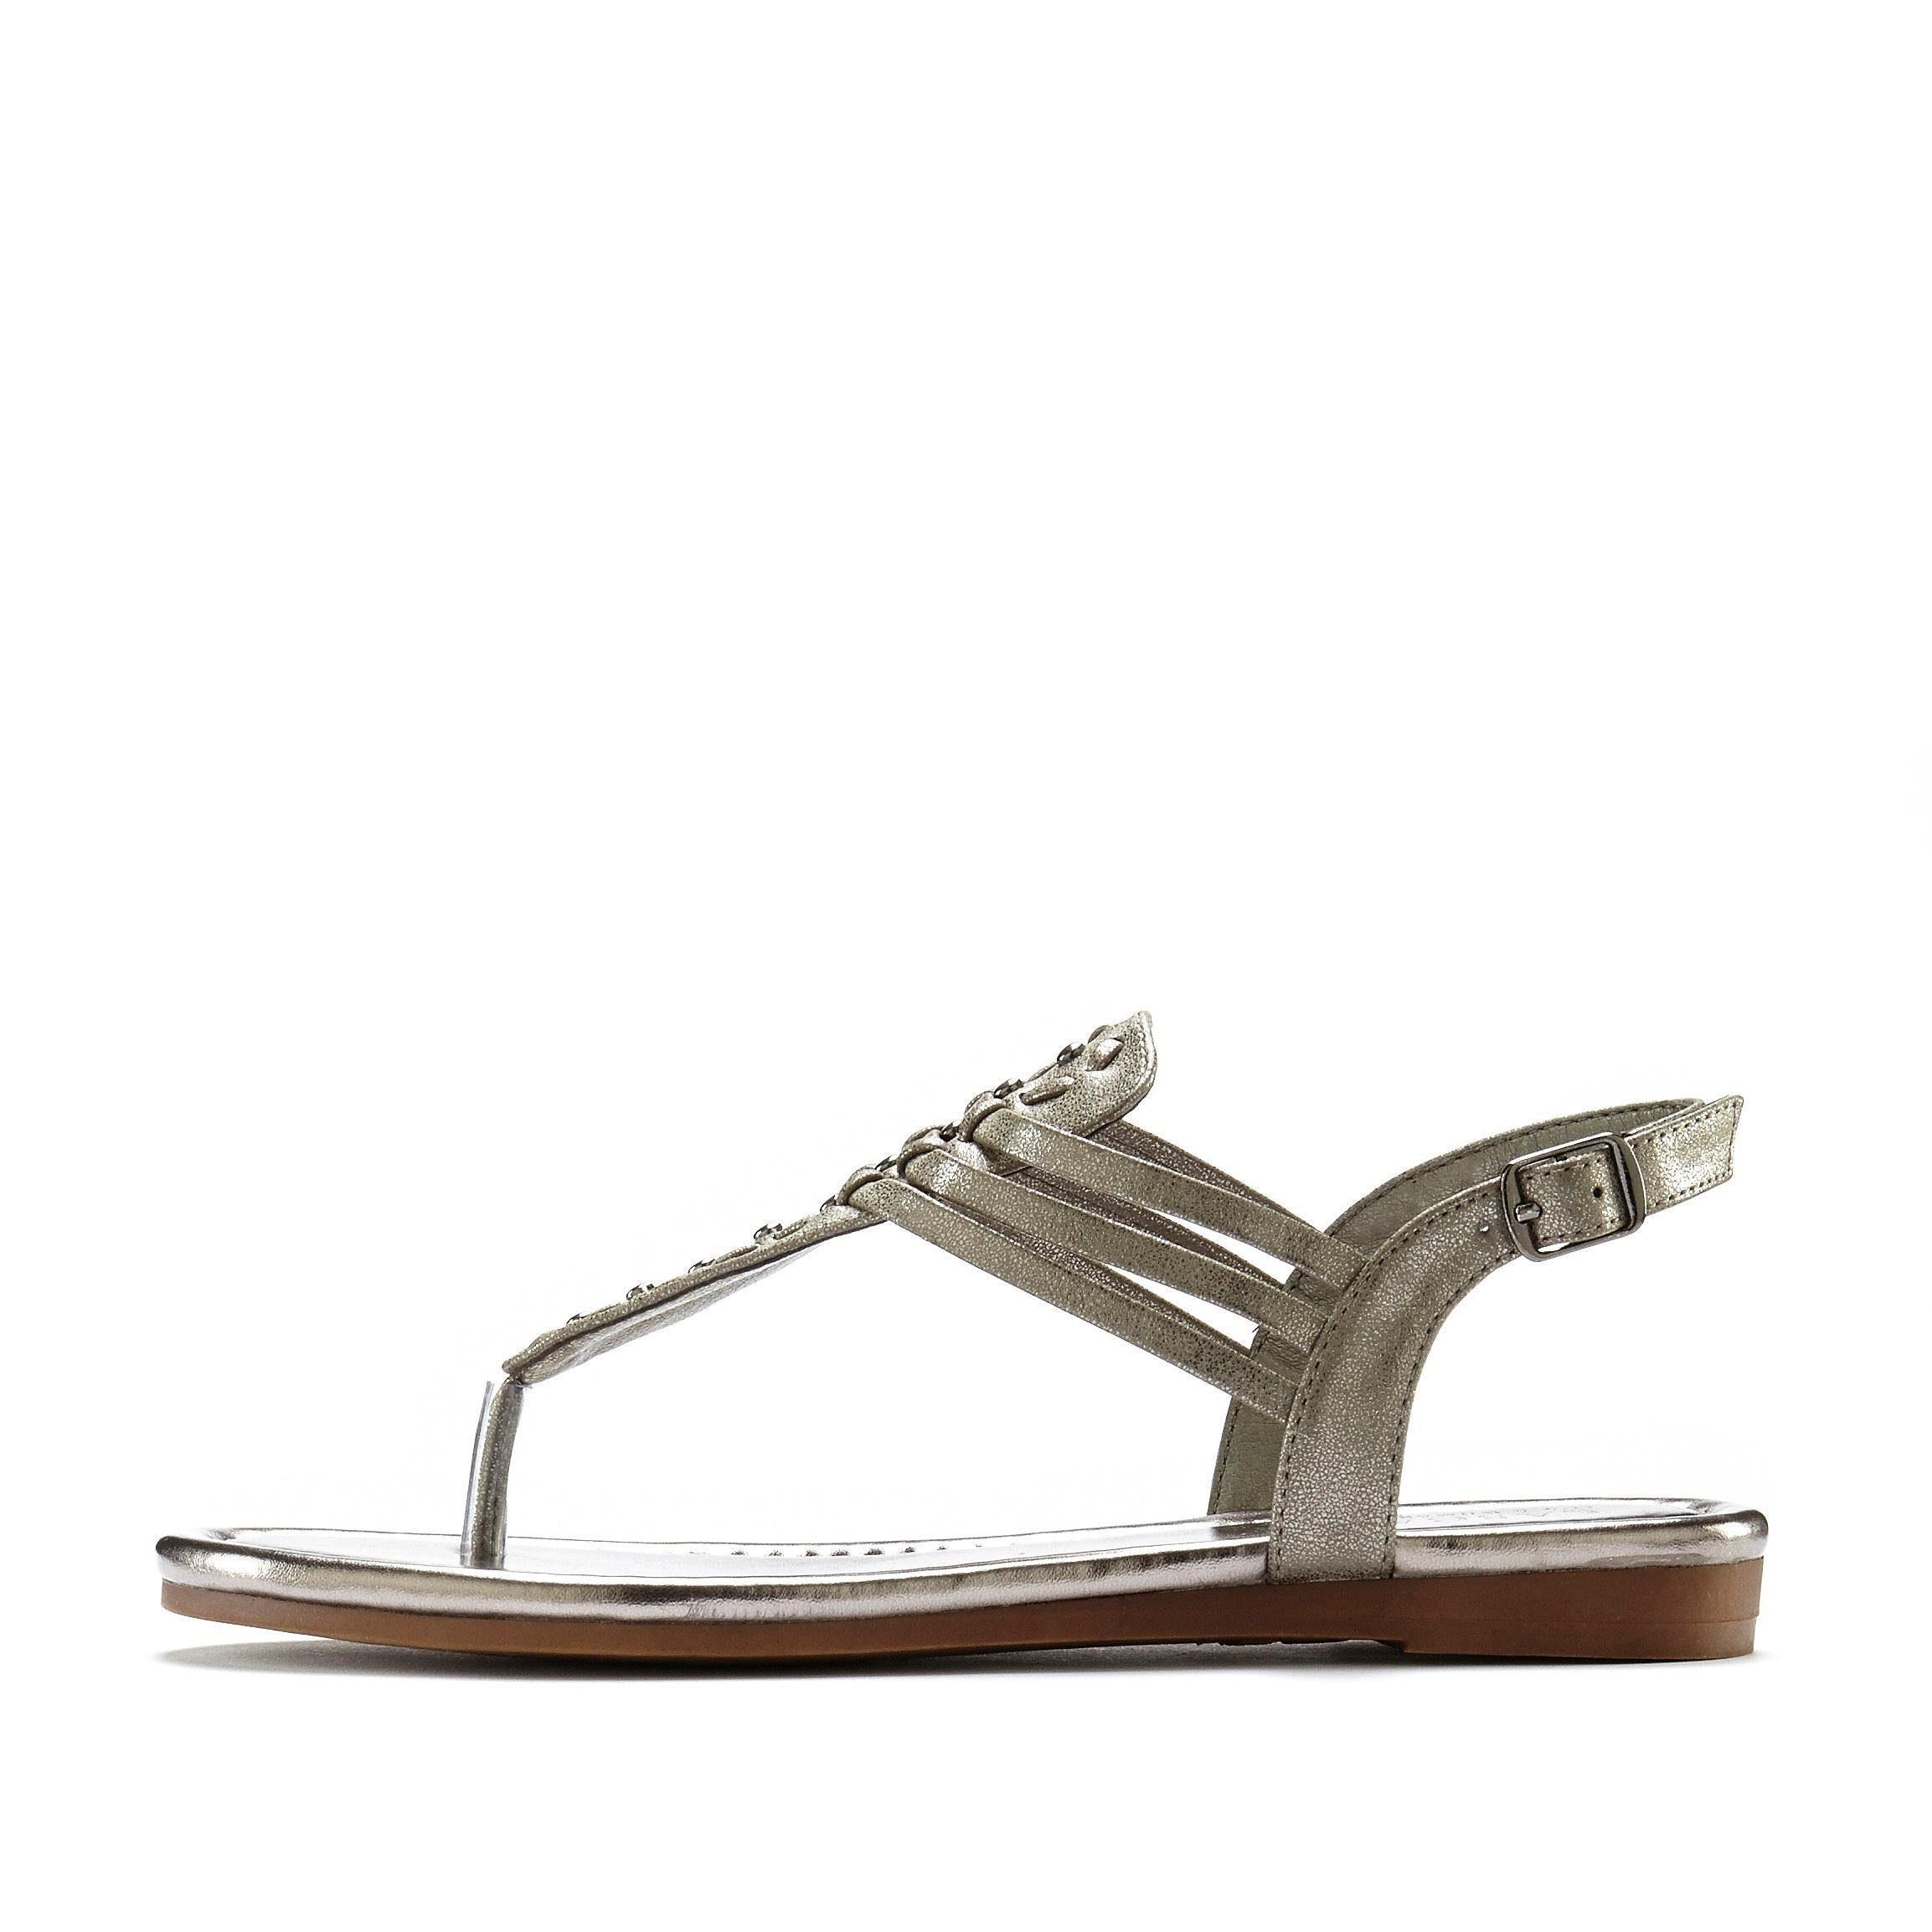 Lascana Sandaaltjes In Metallic-look Nu Online Bestellen - Geweldige Prijs